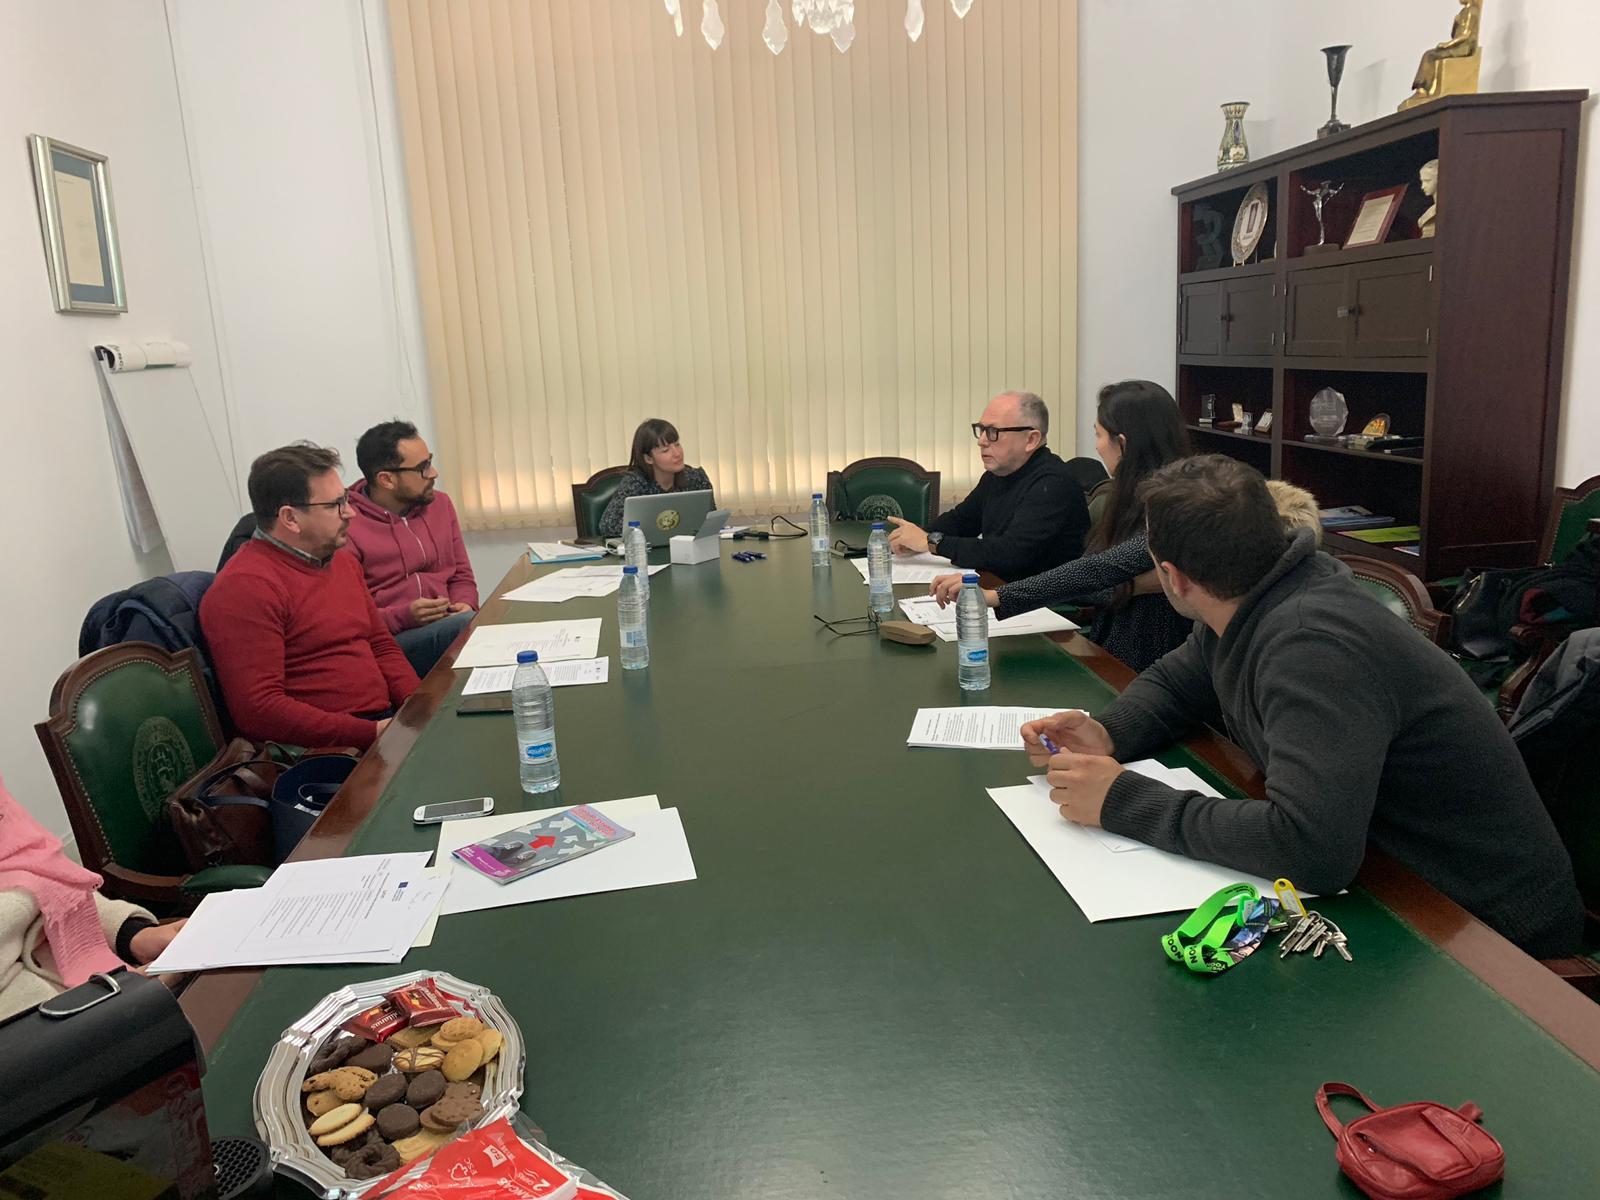 Cultvet meeting